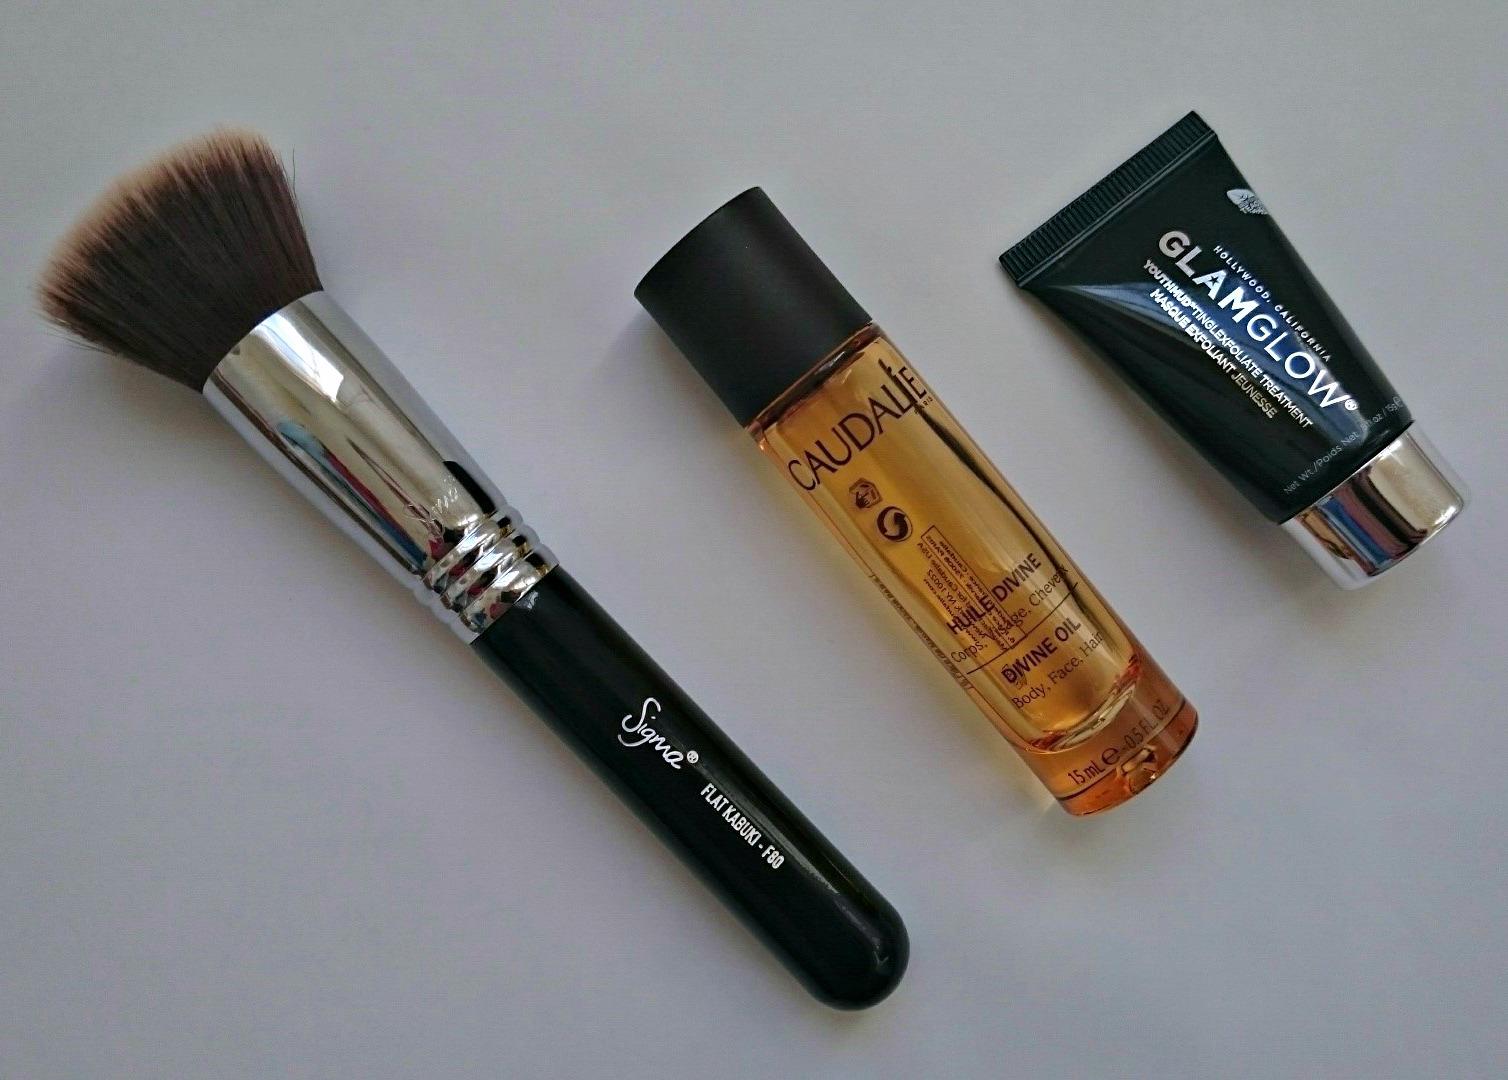 Sigma flat kabuki brush F80